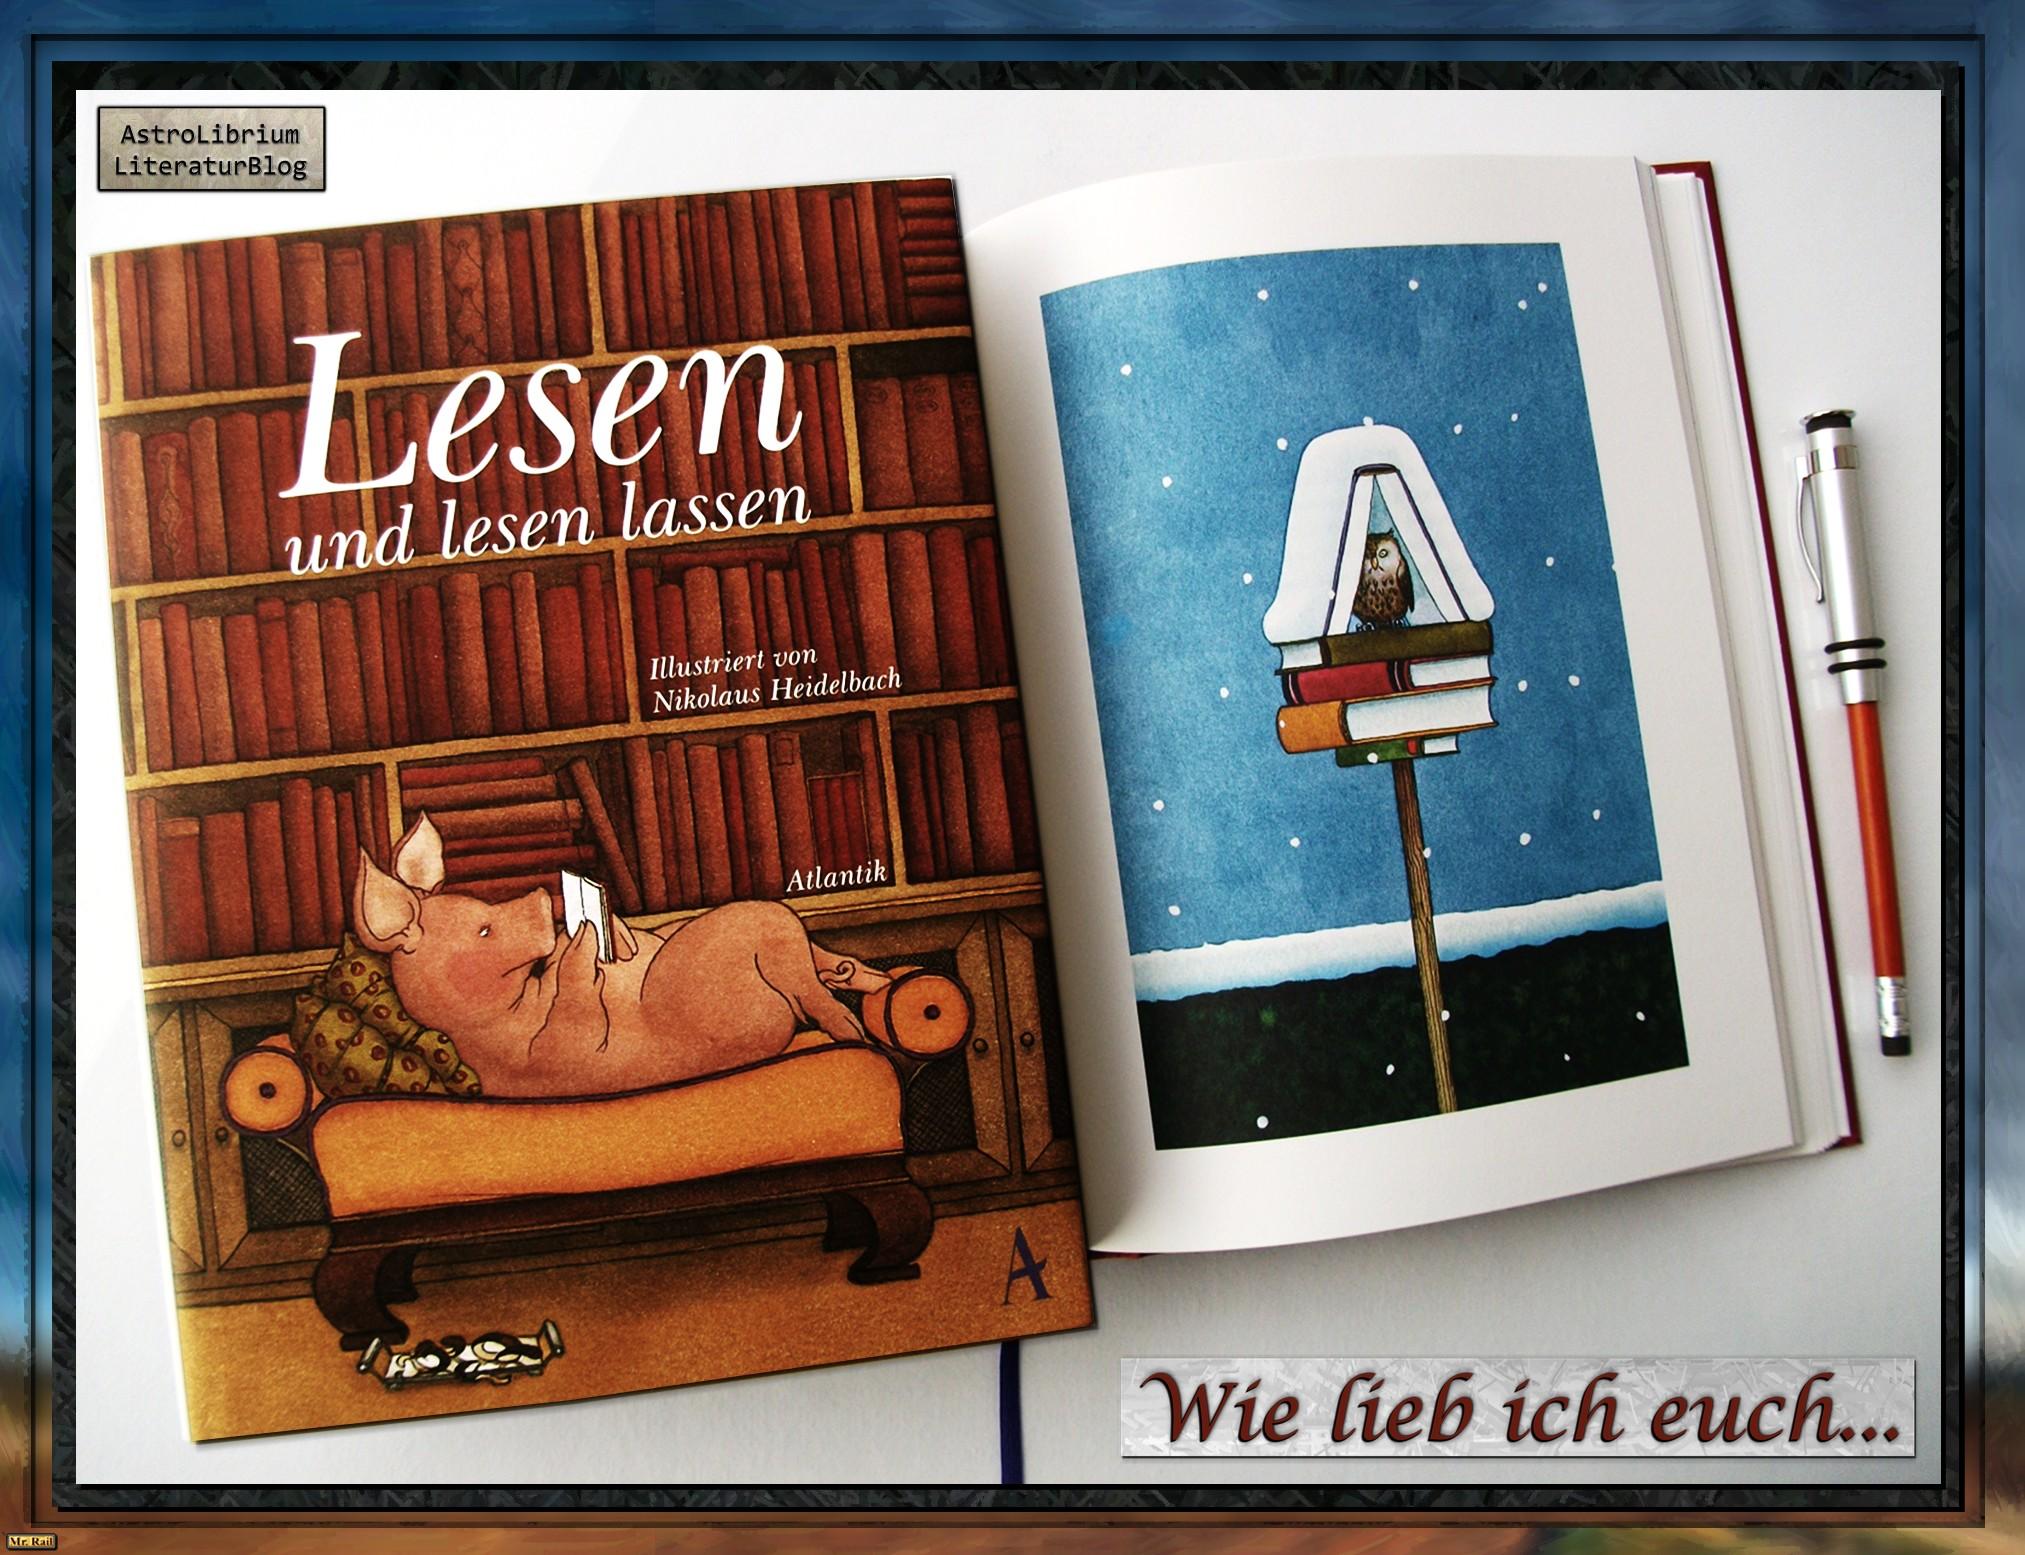 lesen und lesen lassen ein bibliophiles wunder astrolibrium. Black Bedroom Furniture Sets. Home Design Ideas